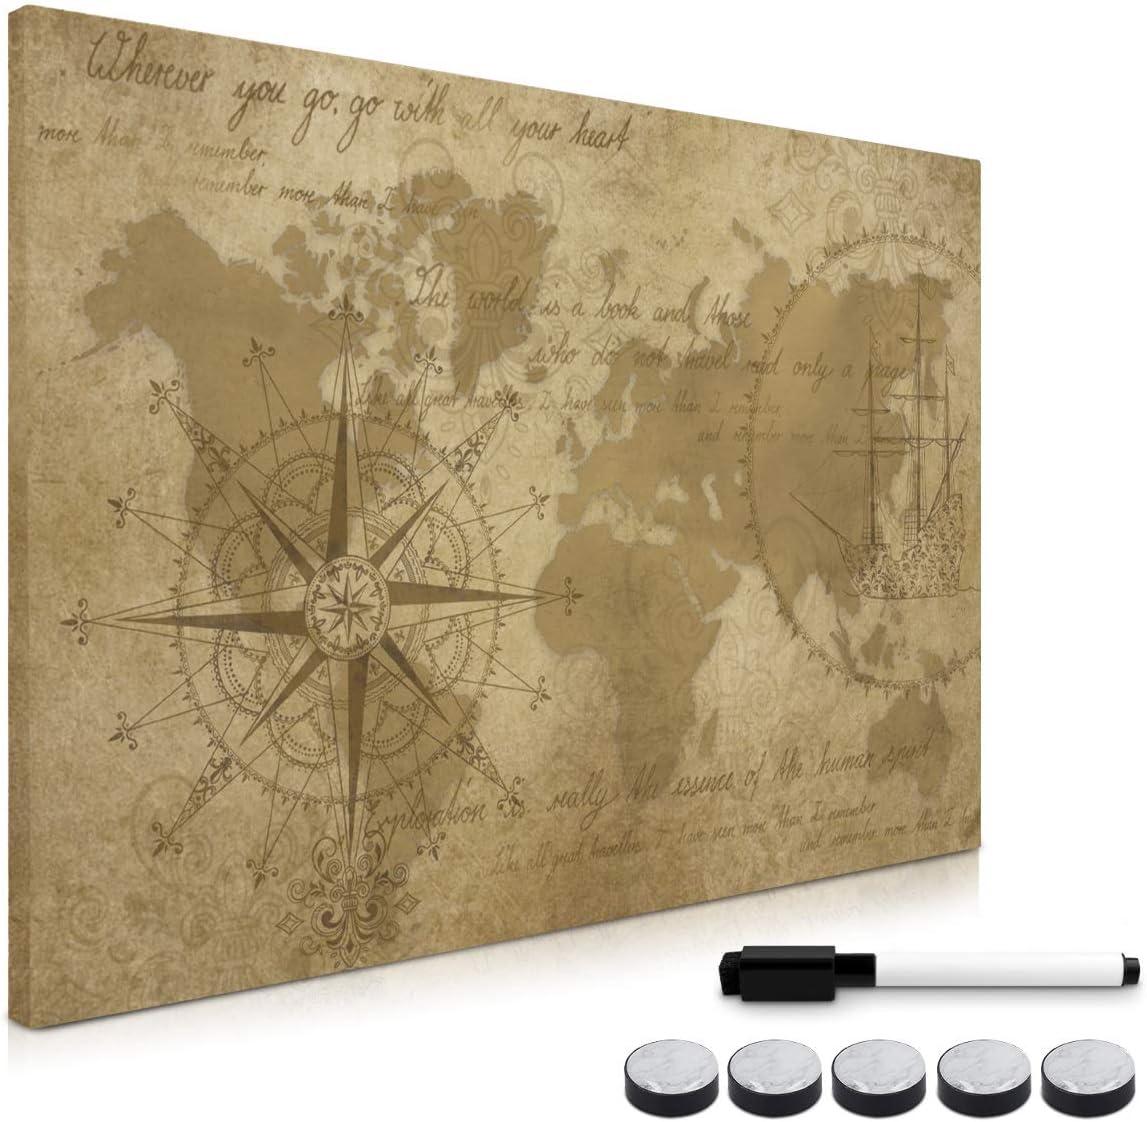 Lavagnetta scrivibile memoboard 60x40 cm con mappamondo Bacheca con pennarello magneti ganci Navaris Lavagna magnetica bianca di vetro